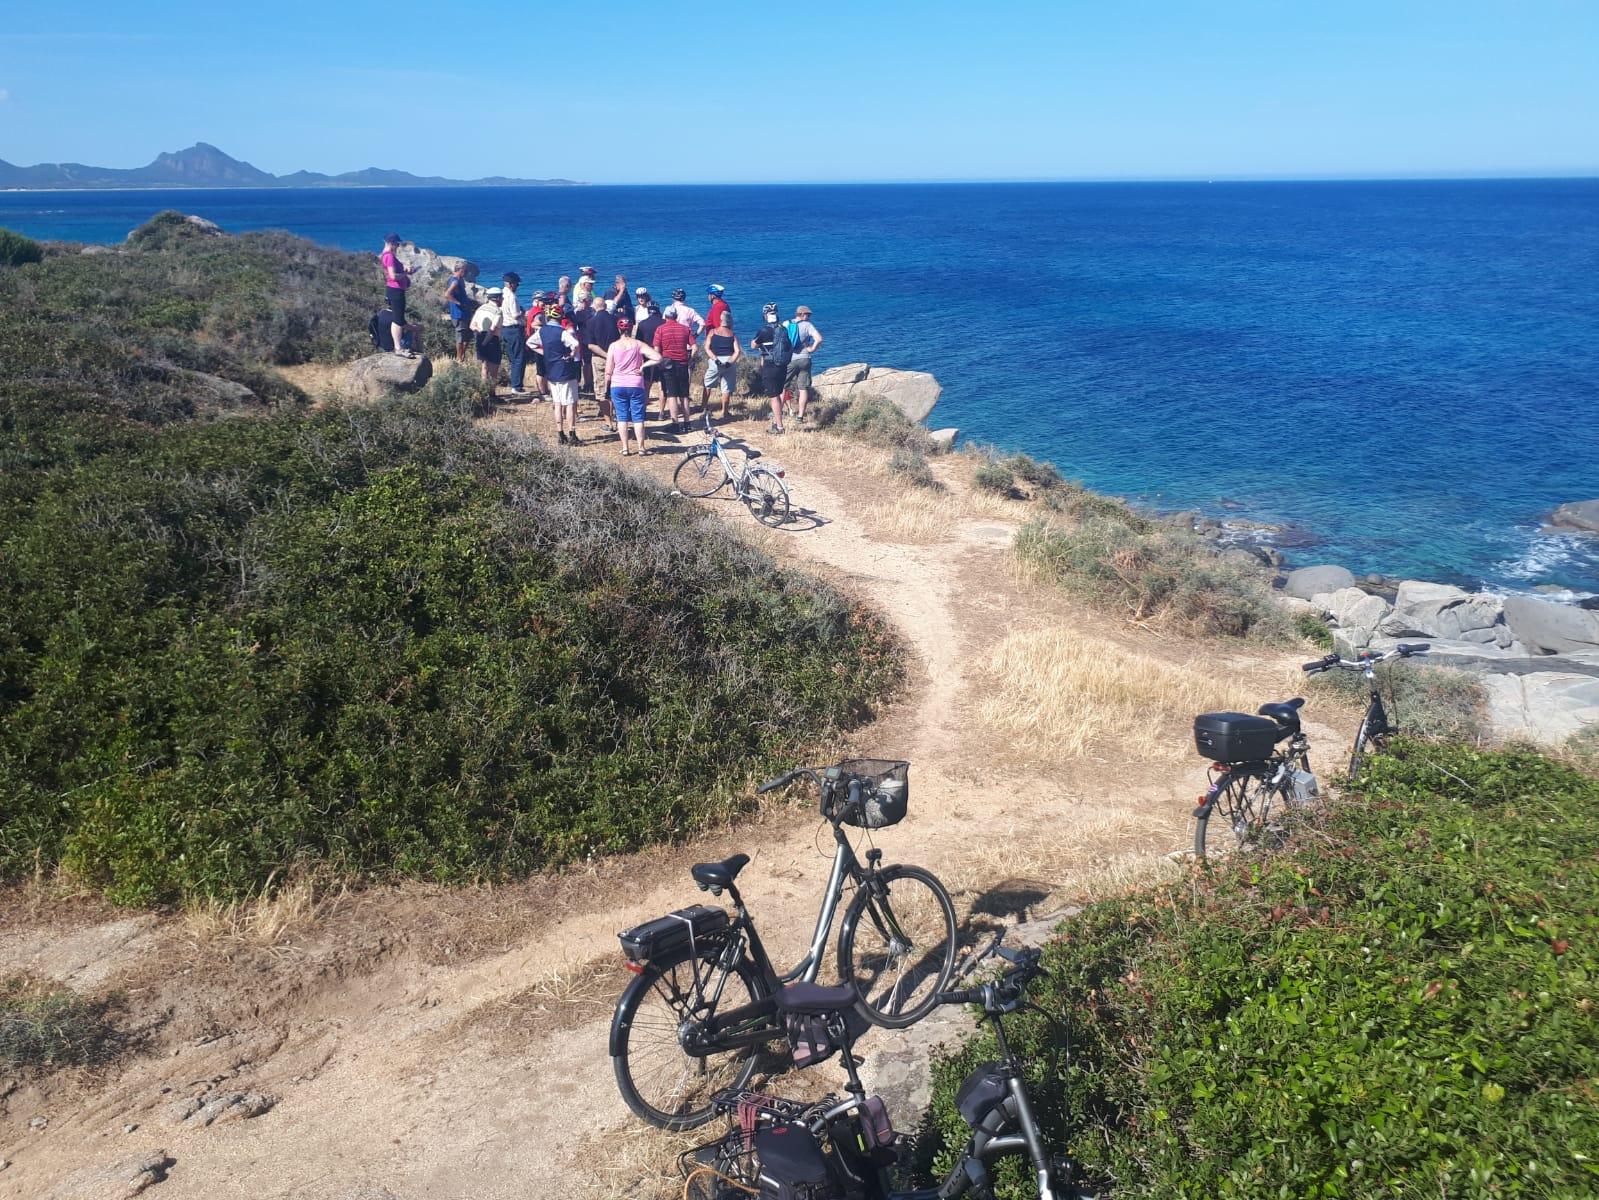 Settimane Sarde al Camping Capo Ferrato in Sardegna in bici sulla spiaggia